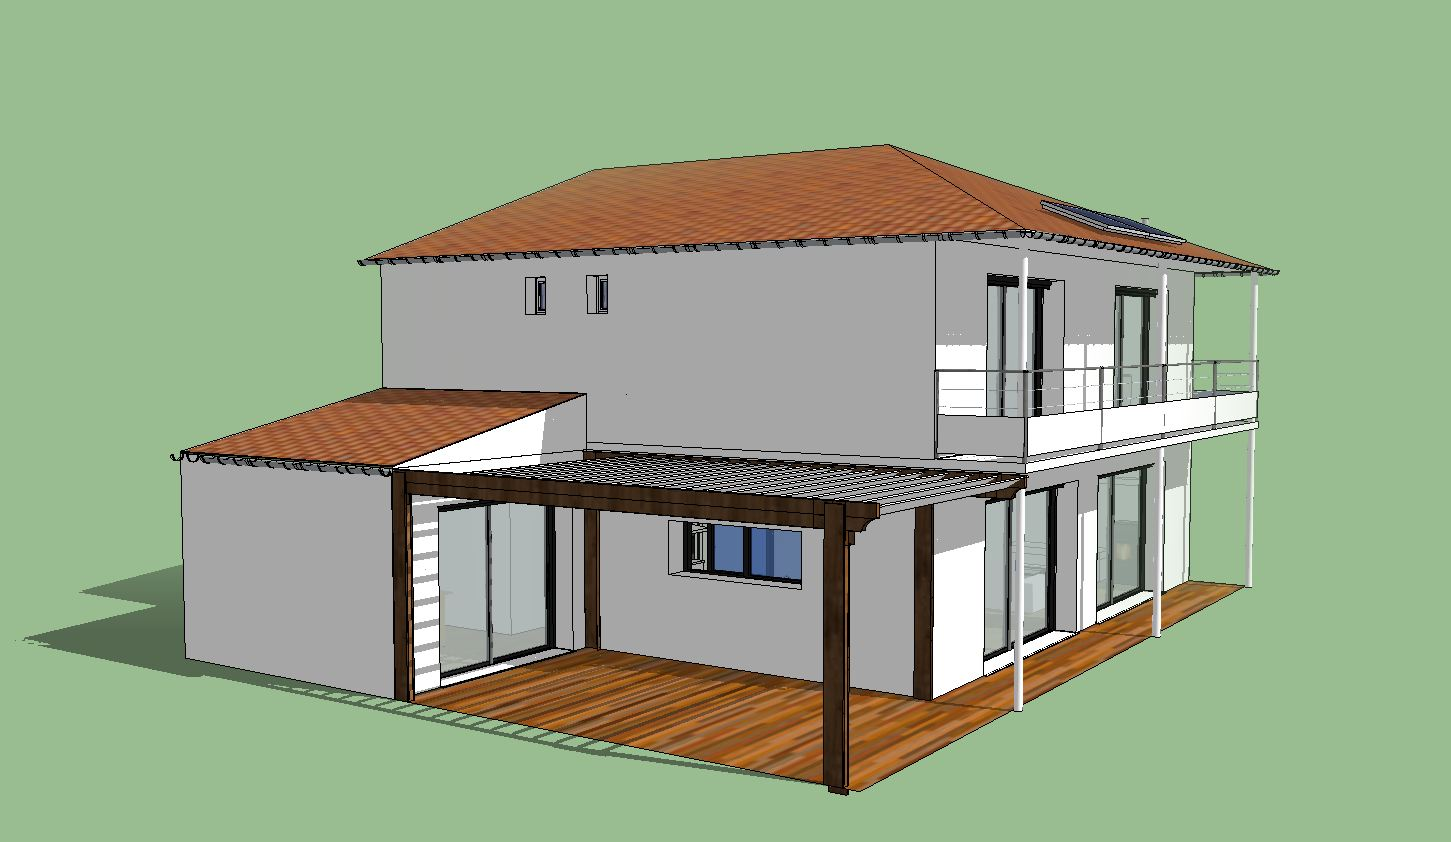 Ma maison bioclimatique une maison bioclimatique c 39 est - Maison avec balcon terrasse ...